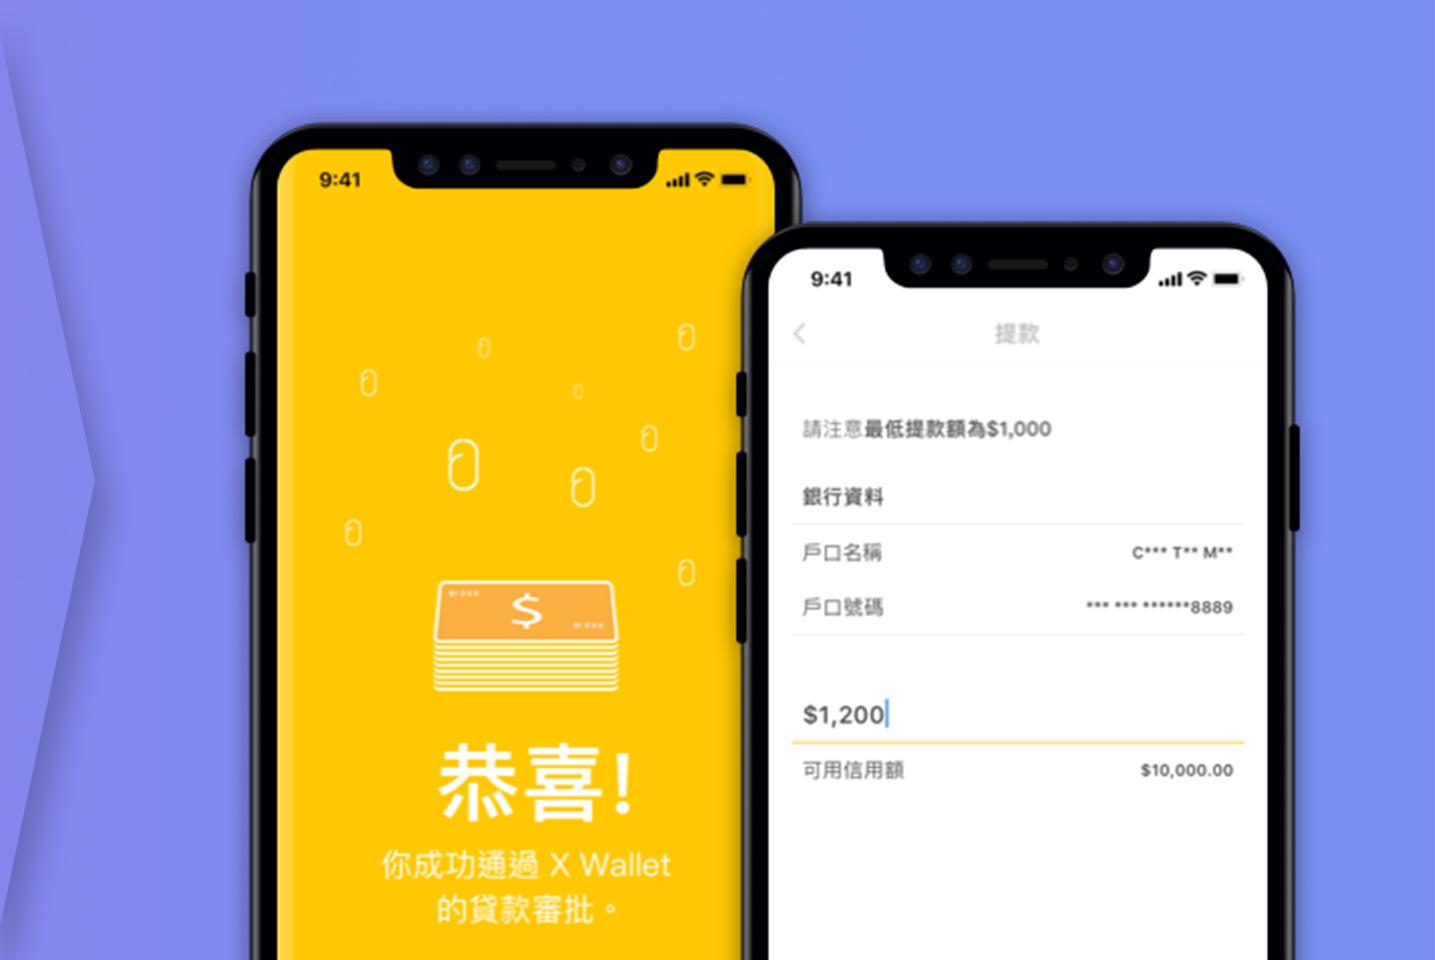 Loan Approval with Zero Finance X Wallet App